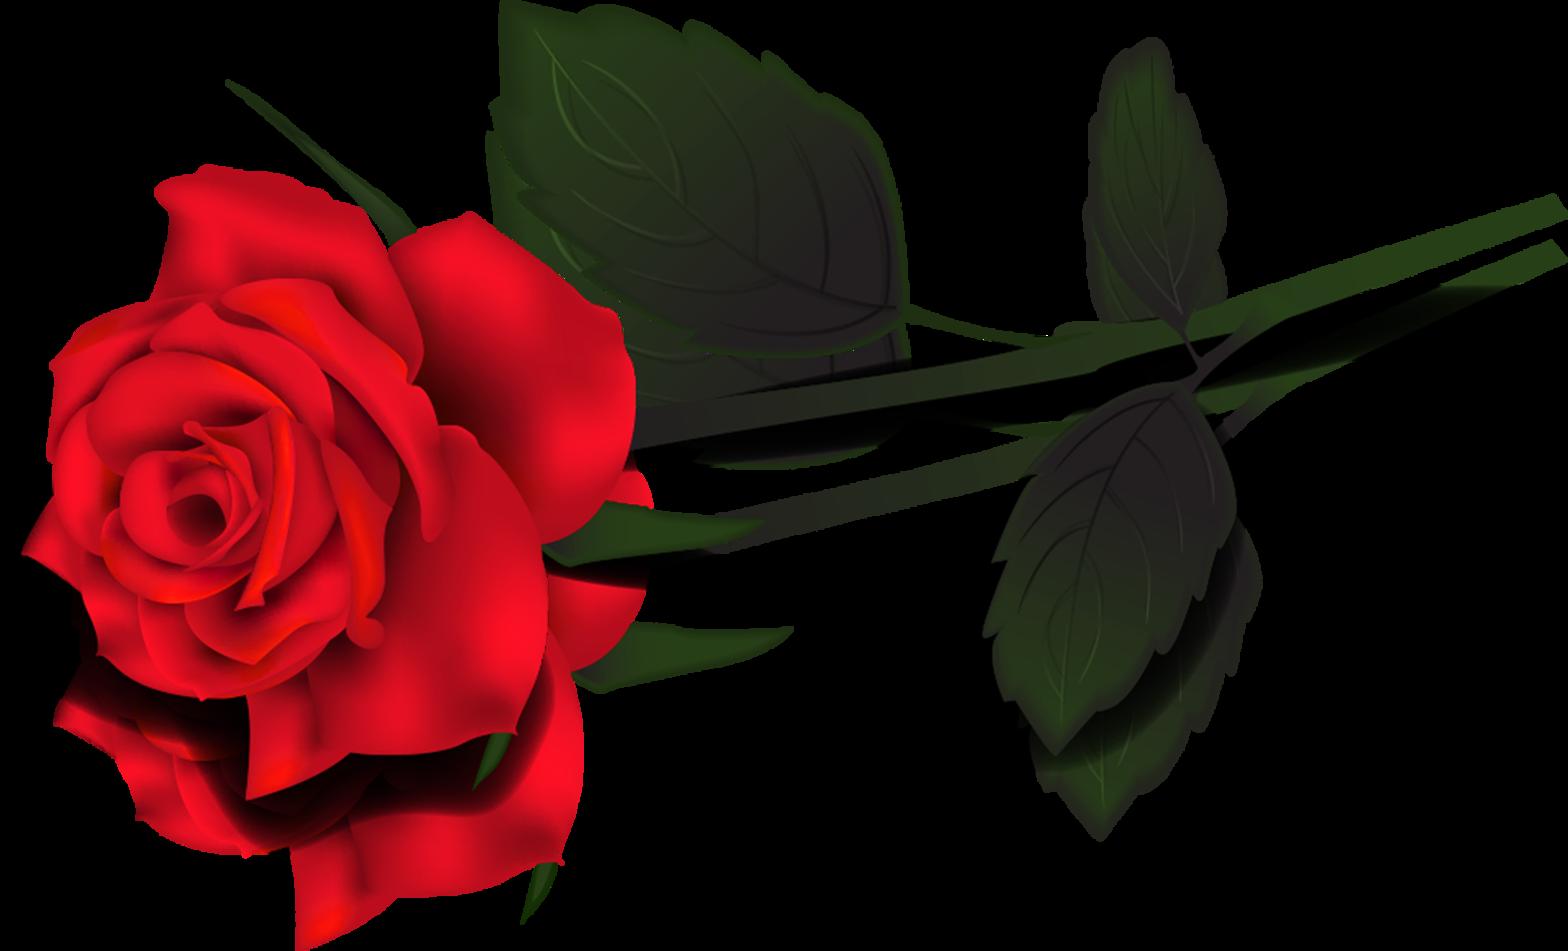 Rose clipart long stem rose #12